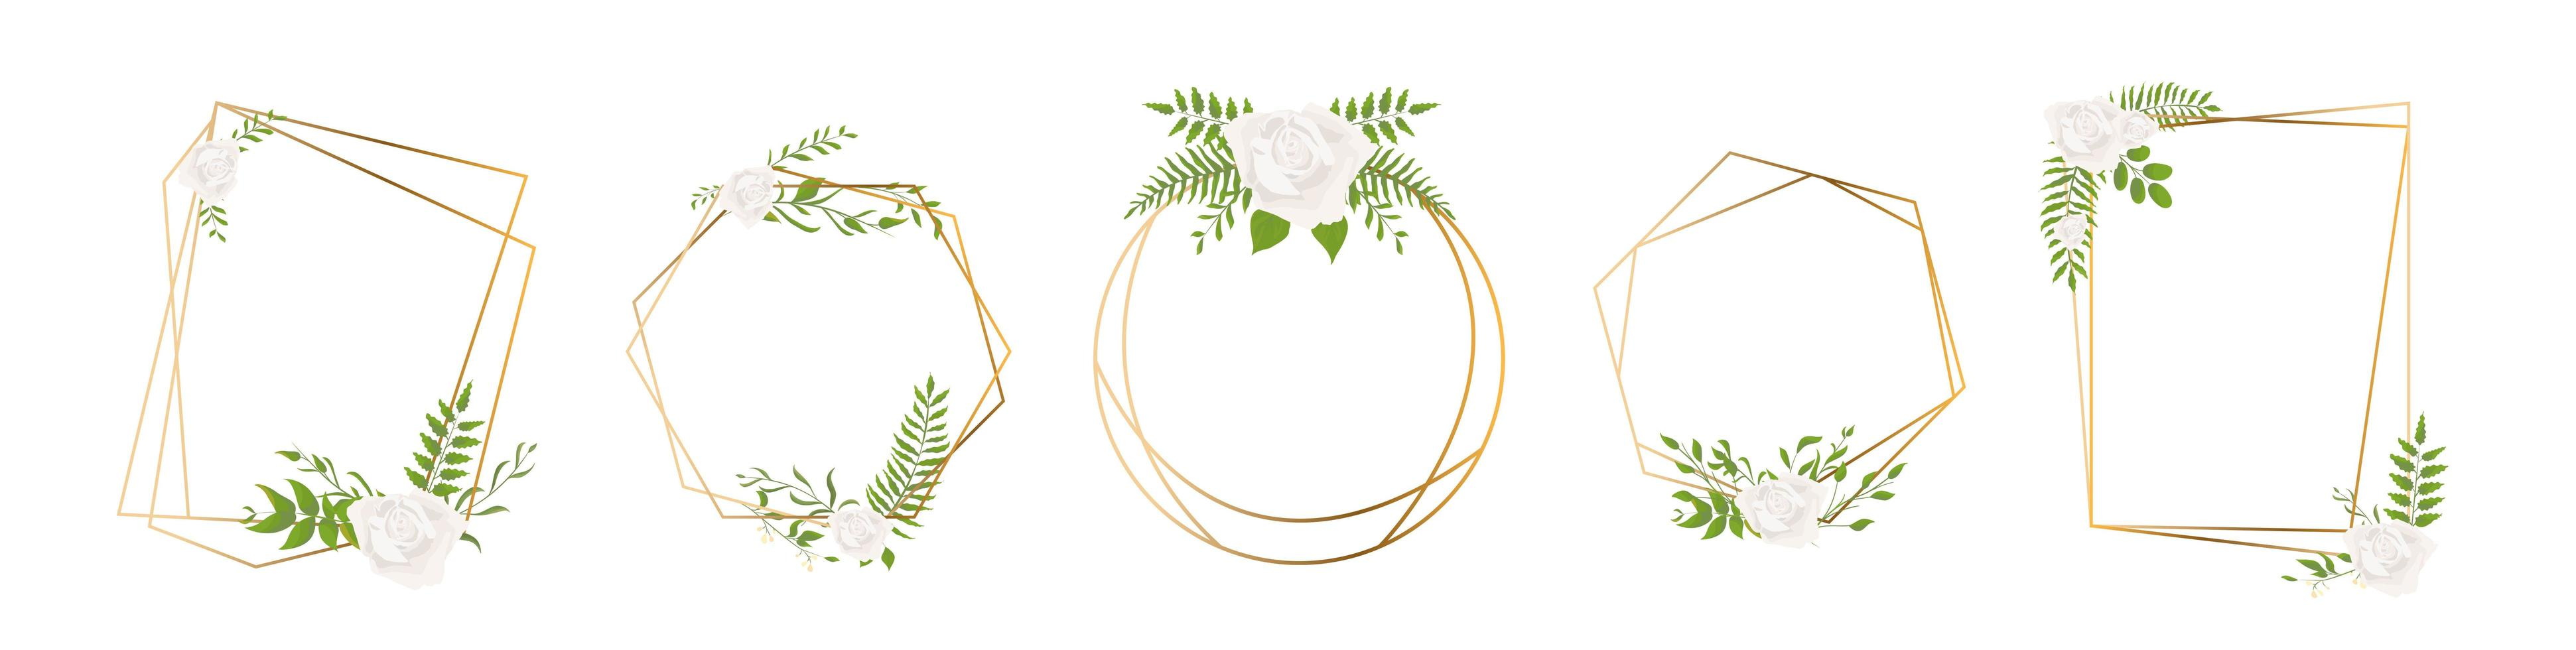 foglia oro poliedro geometrico e cornici di rose vettore